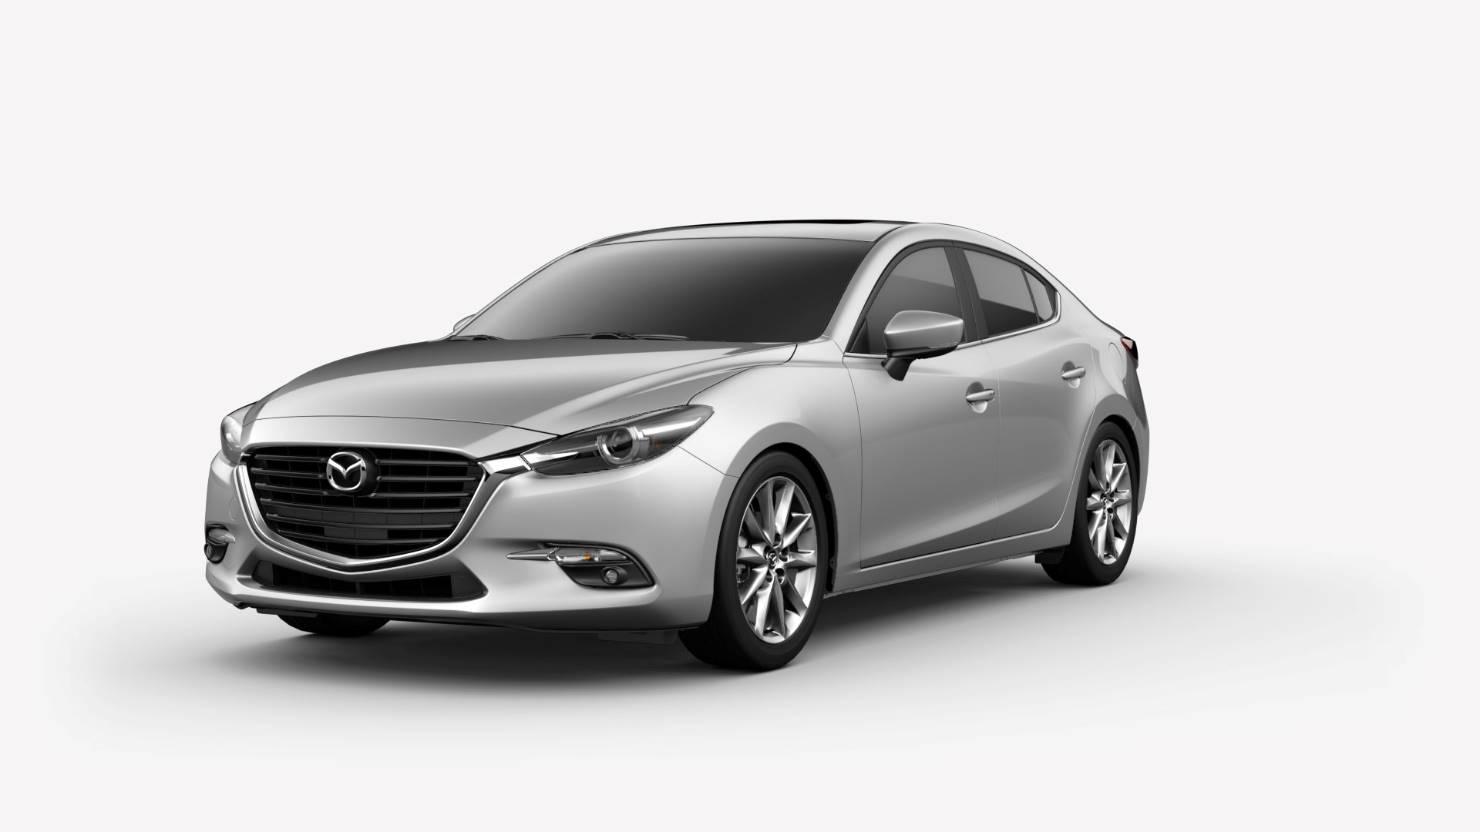 2018 Mazda3 Sedan, Sonic Silver